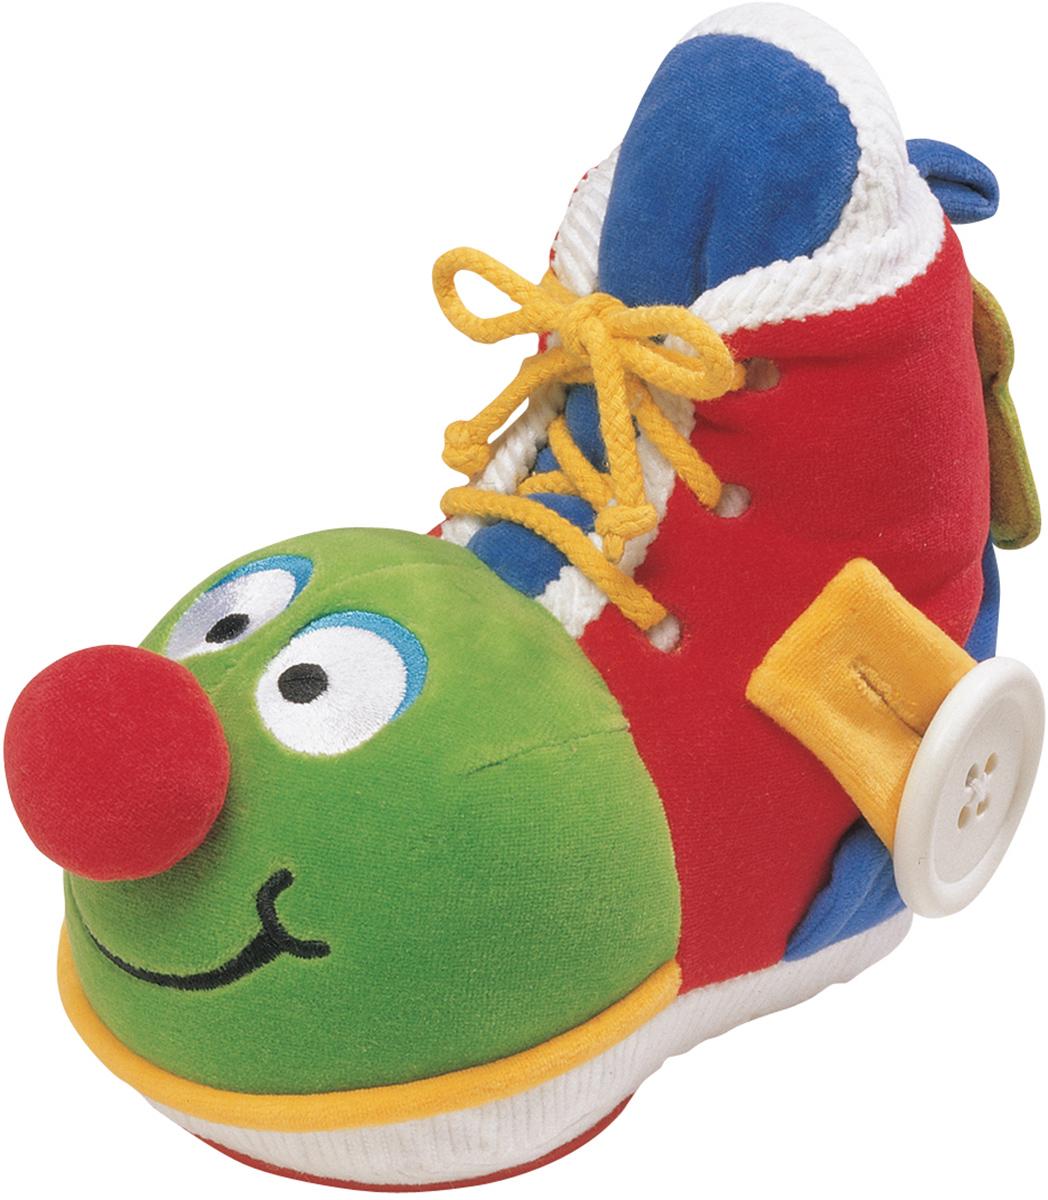 Развивающая игрушка Ботинок с зеркаломKa 206С помощью этой замечательной игрушки Ваш малыш быстро научится шнуровать ботинки, расстегивать и застегивать пуговицы, пользоваться молниями. В башмачке есть небьющееся зеркальце, в носике спрятана погремушка, внутри башмачка есть пищалка, а материал игрушки - комбинированный: от очень мягкого до шероховатого, что так важно для тактильных ощущений малышей. Игрушка оказывает влияние на физическое развитие ребенка: развивает моторику рук, помогает укрепить познания ребенка в логике, развивает коммуникативные навыки и повышает самооценку малыша.